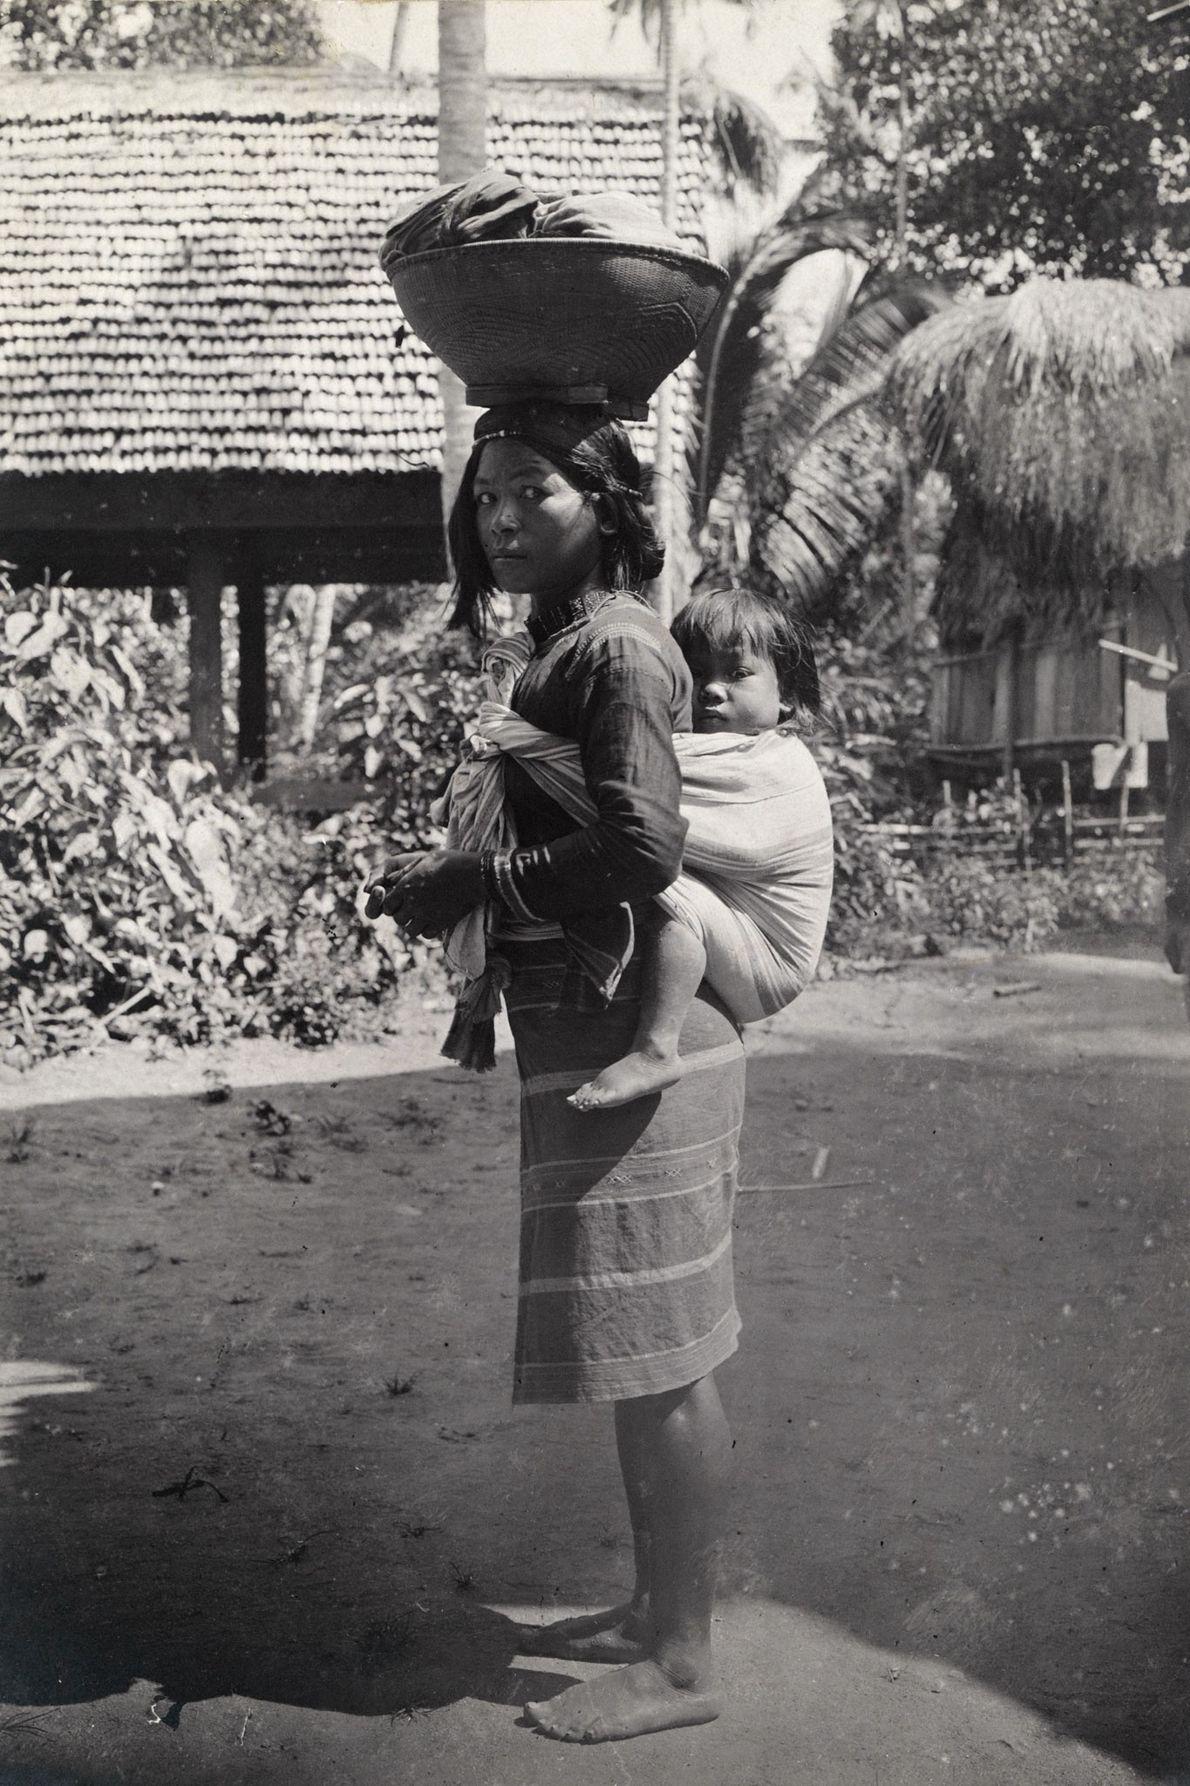 Uma mulher tingian carrega uma criança em suas costas e equilibra uma cesta em sua cabeça ...